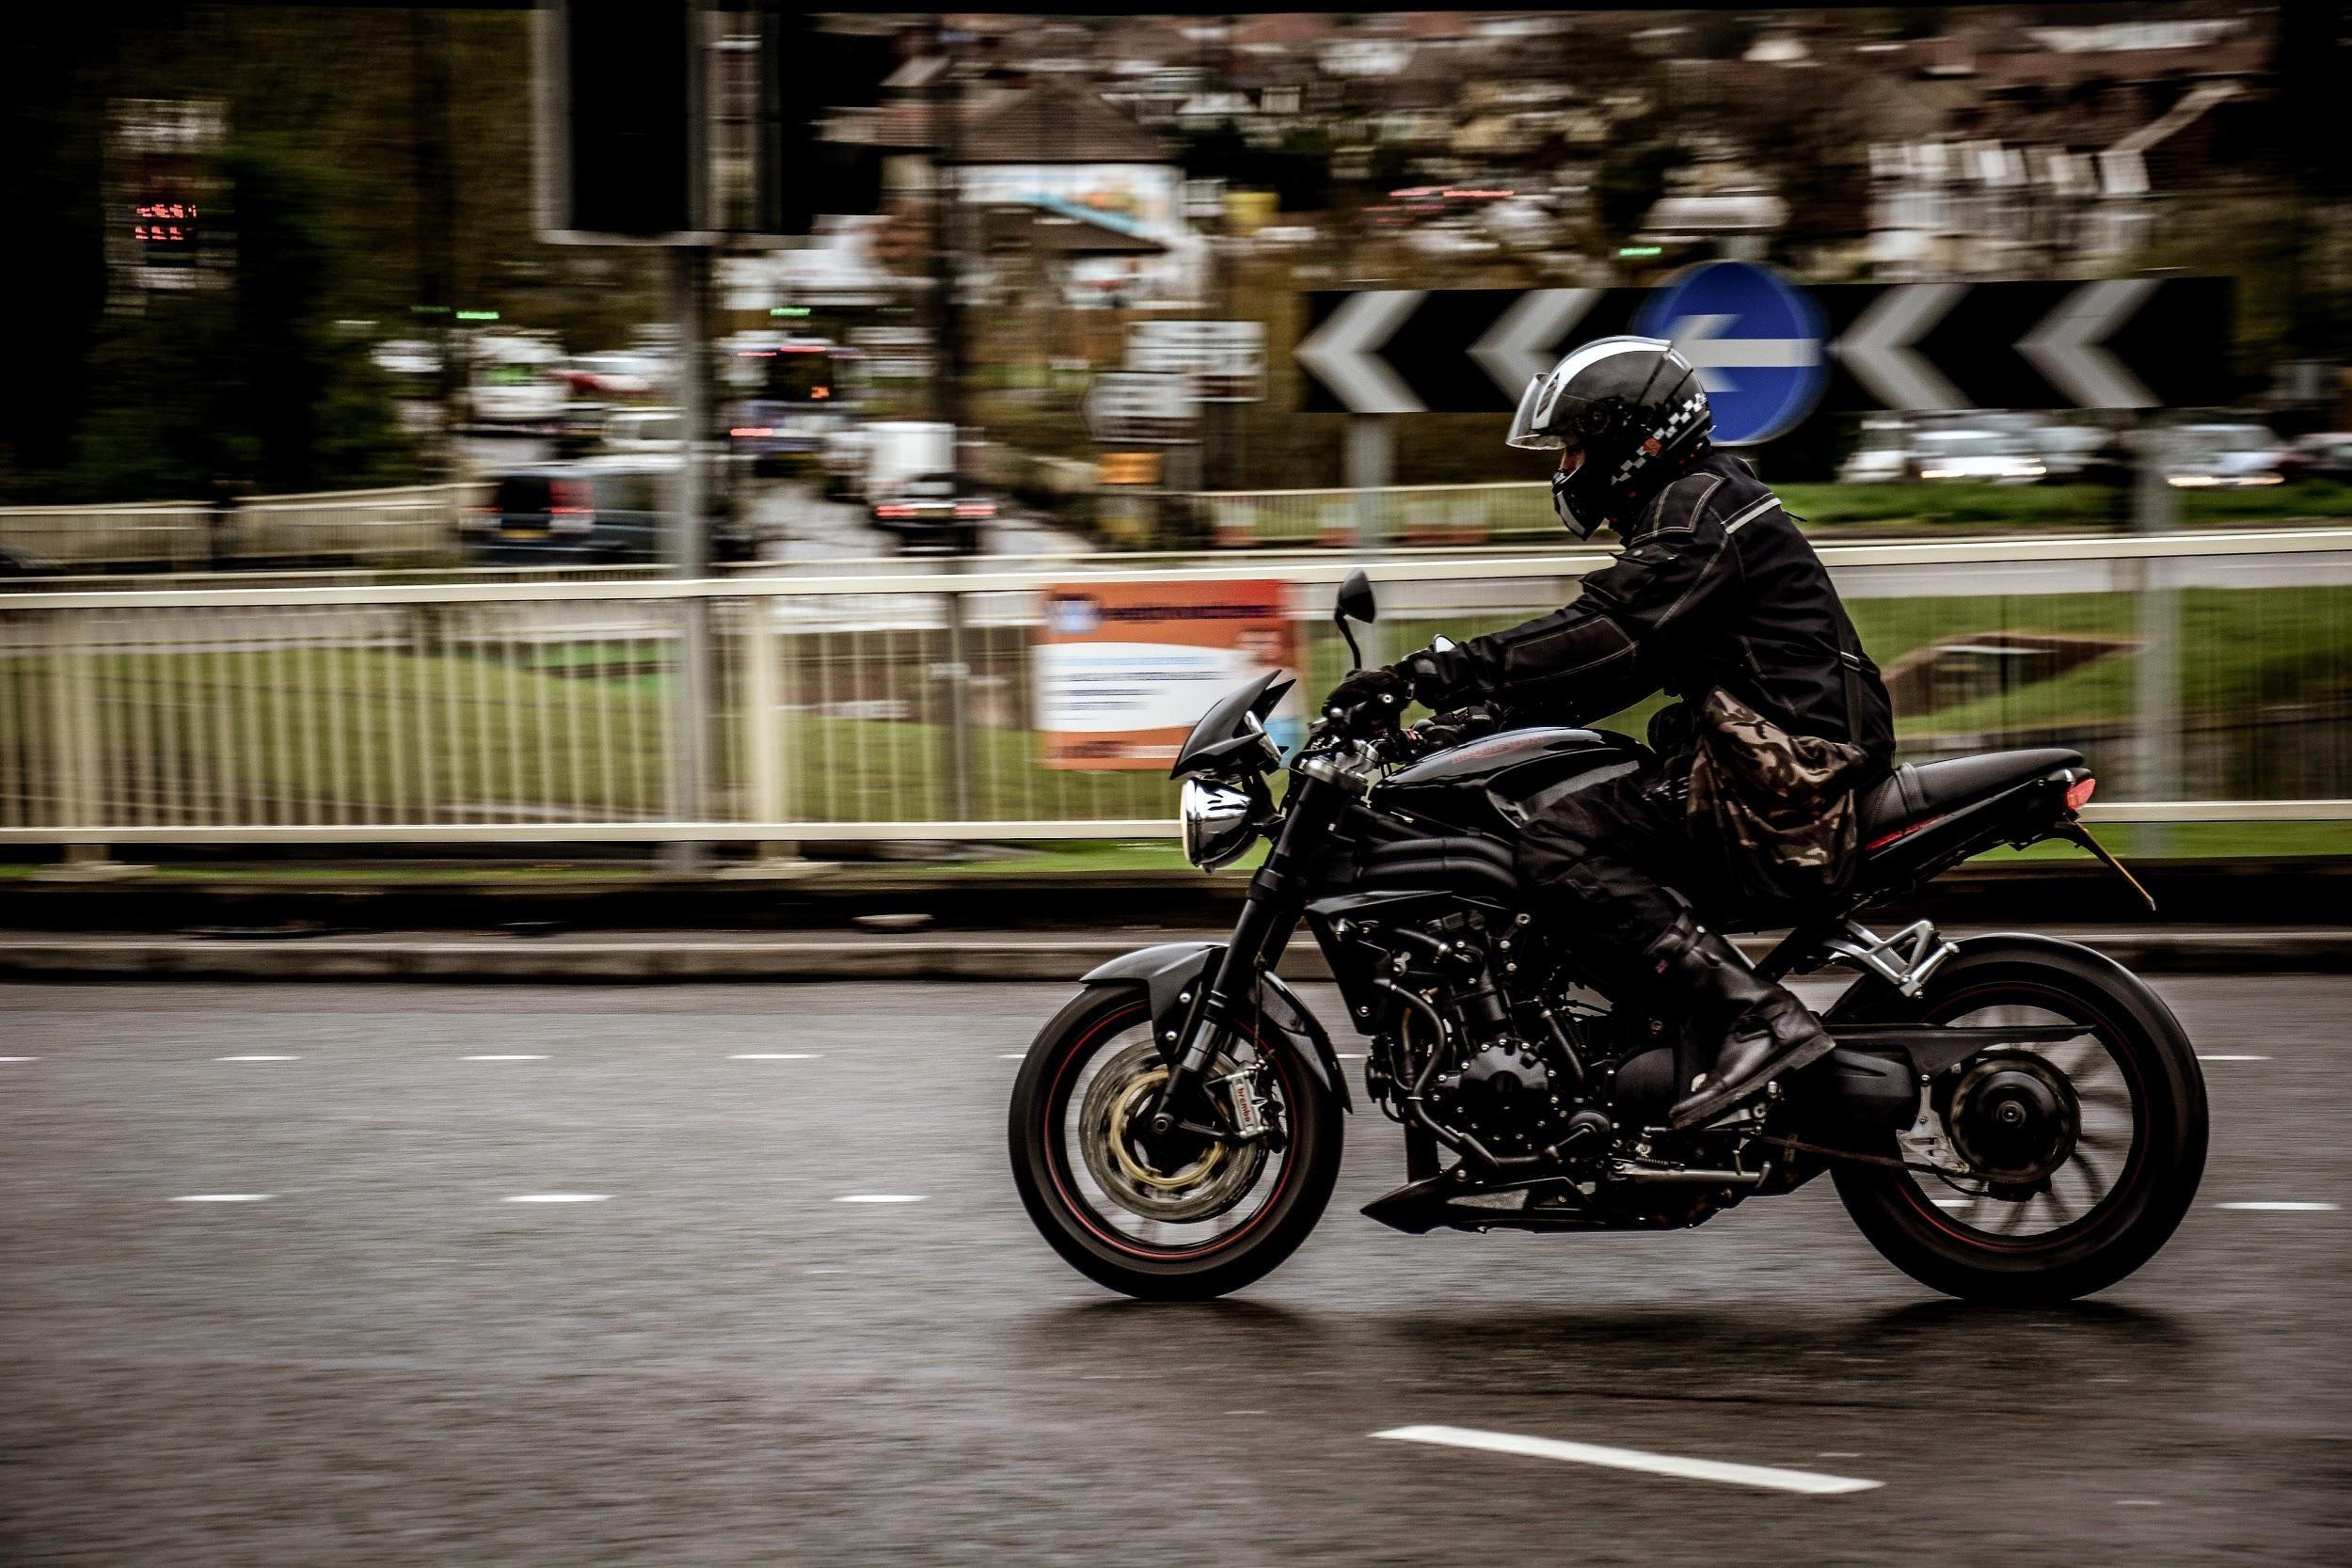 ý tưởng kinh doanh mở đại lý xe máy